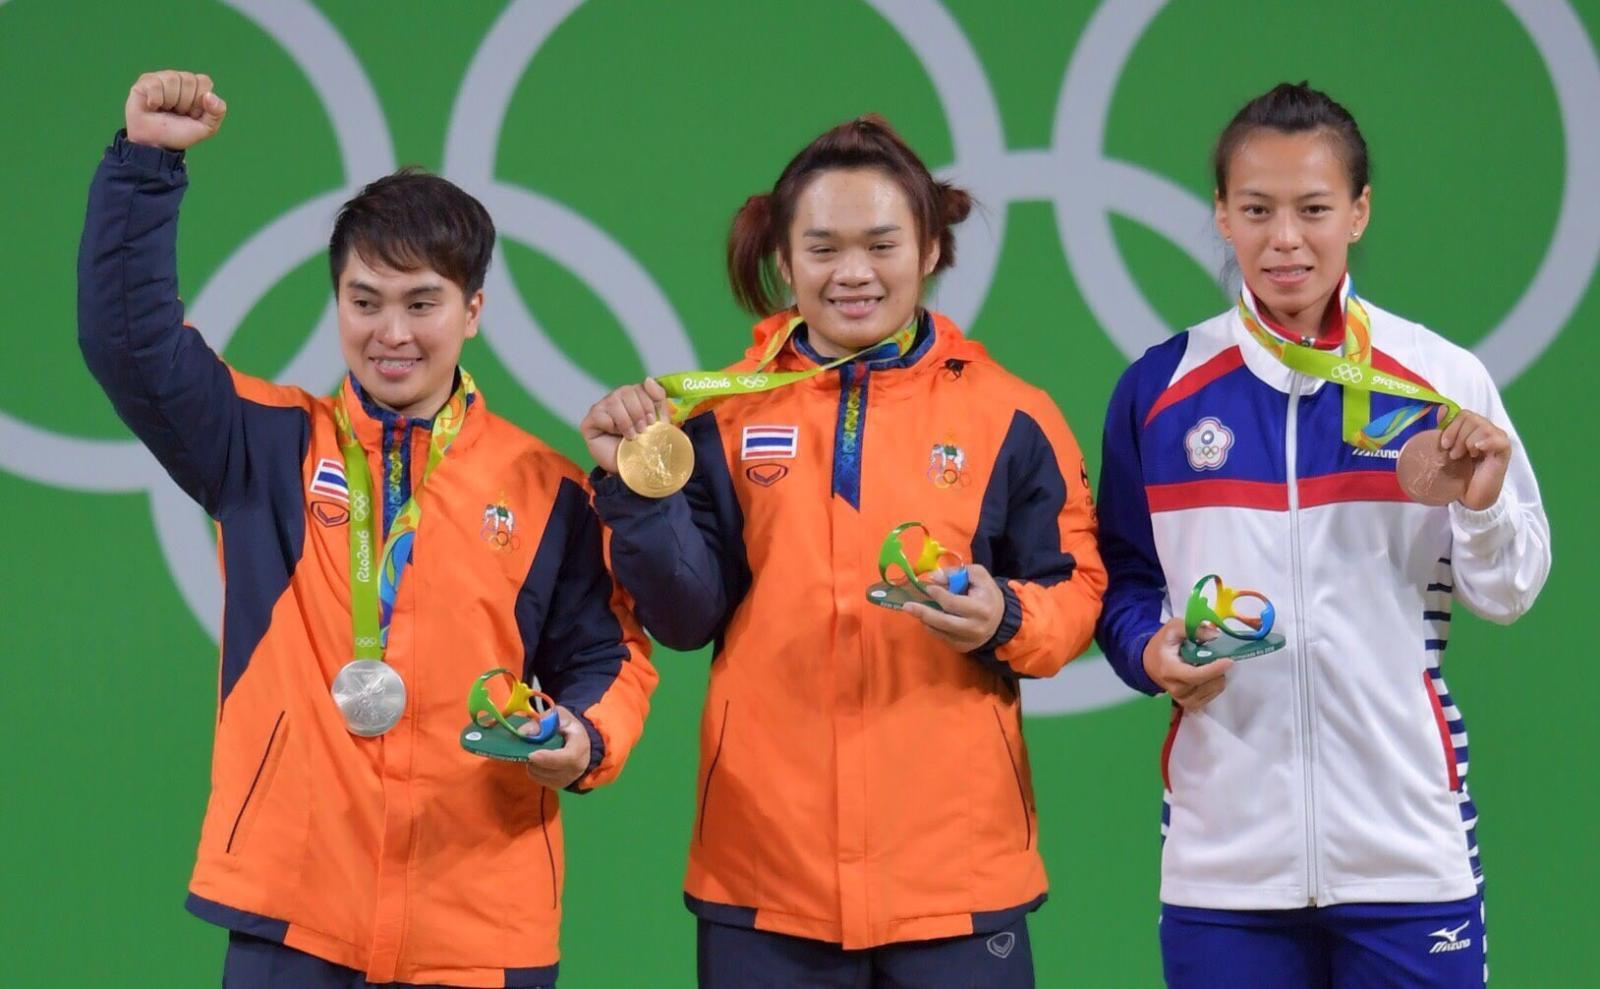 ทีมยกน้ำหนักไทยคว้า 1 เหรียญทอง 1 เหรียญเงิน